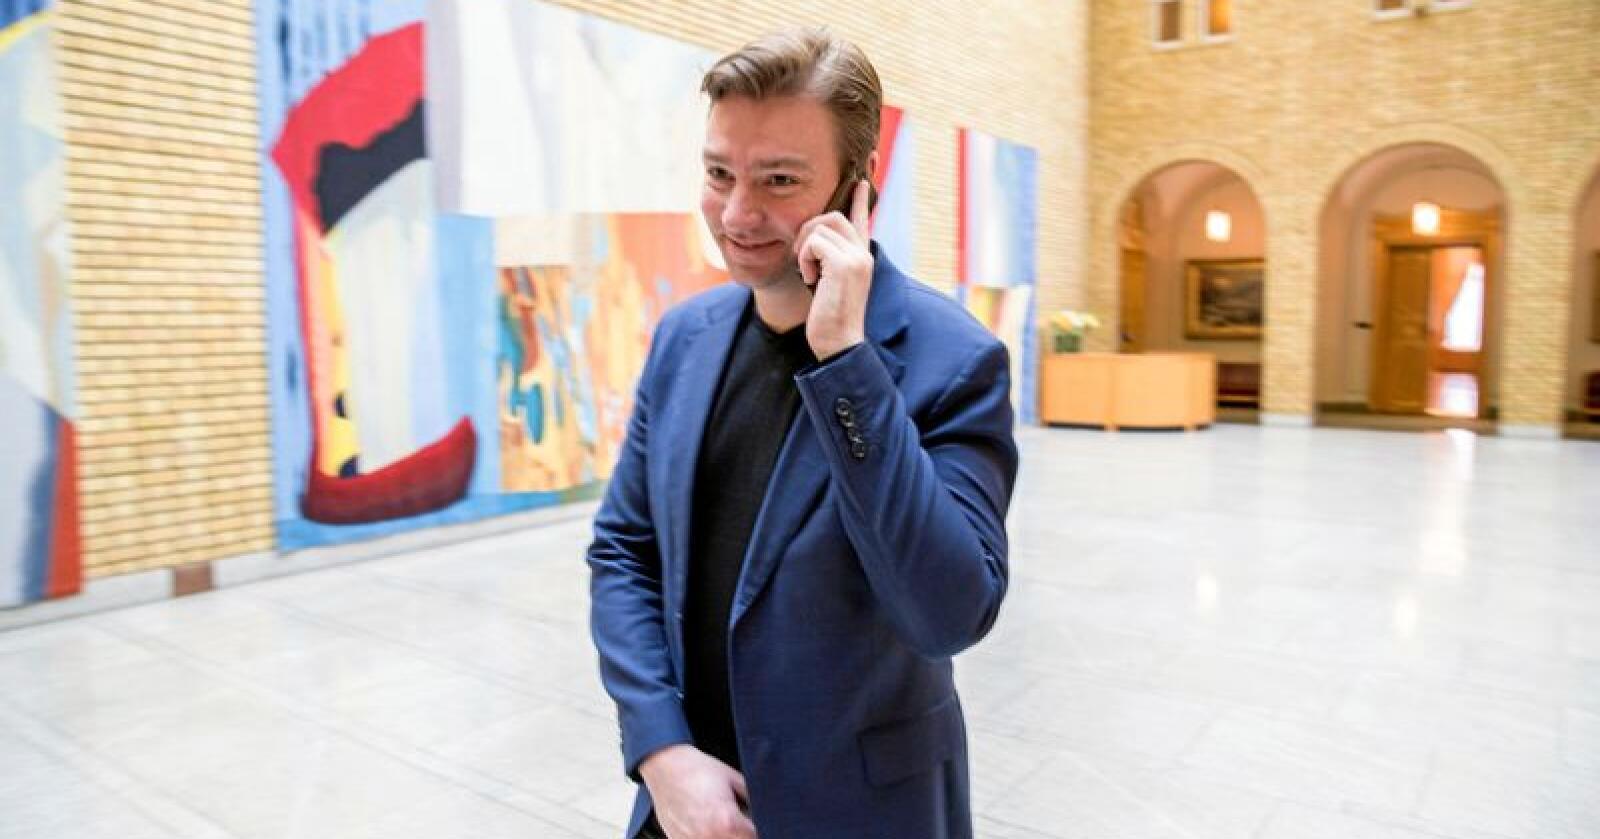 Skatt: Høyres Henrik Asheim er opptatt av at skattesystemet skal ha legitimitet. Men da må også de med de store formuene bidra. Foto: Vidar Ruud/NTB scanpix